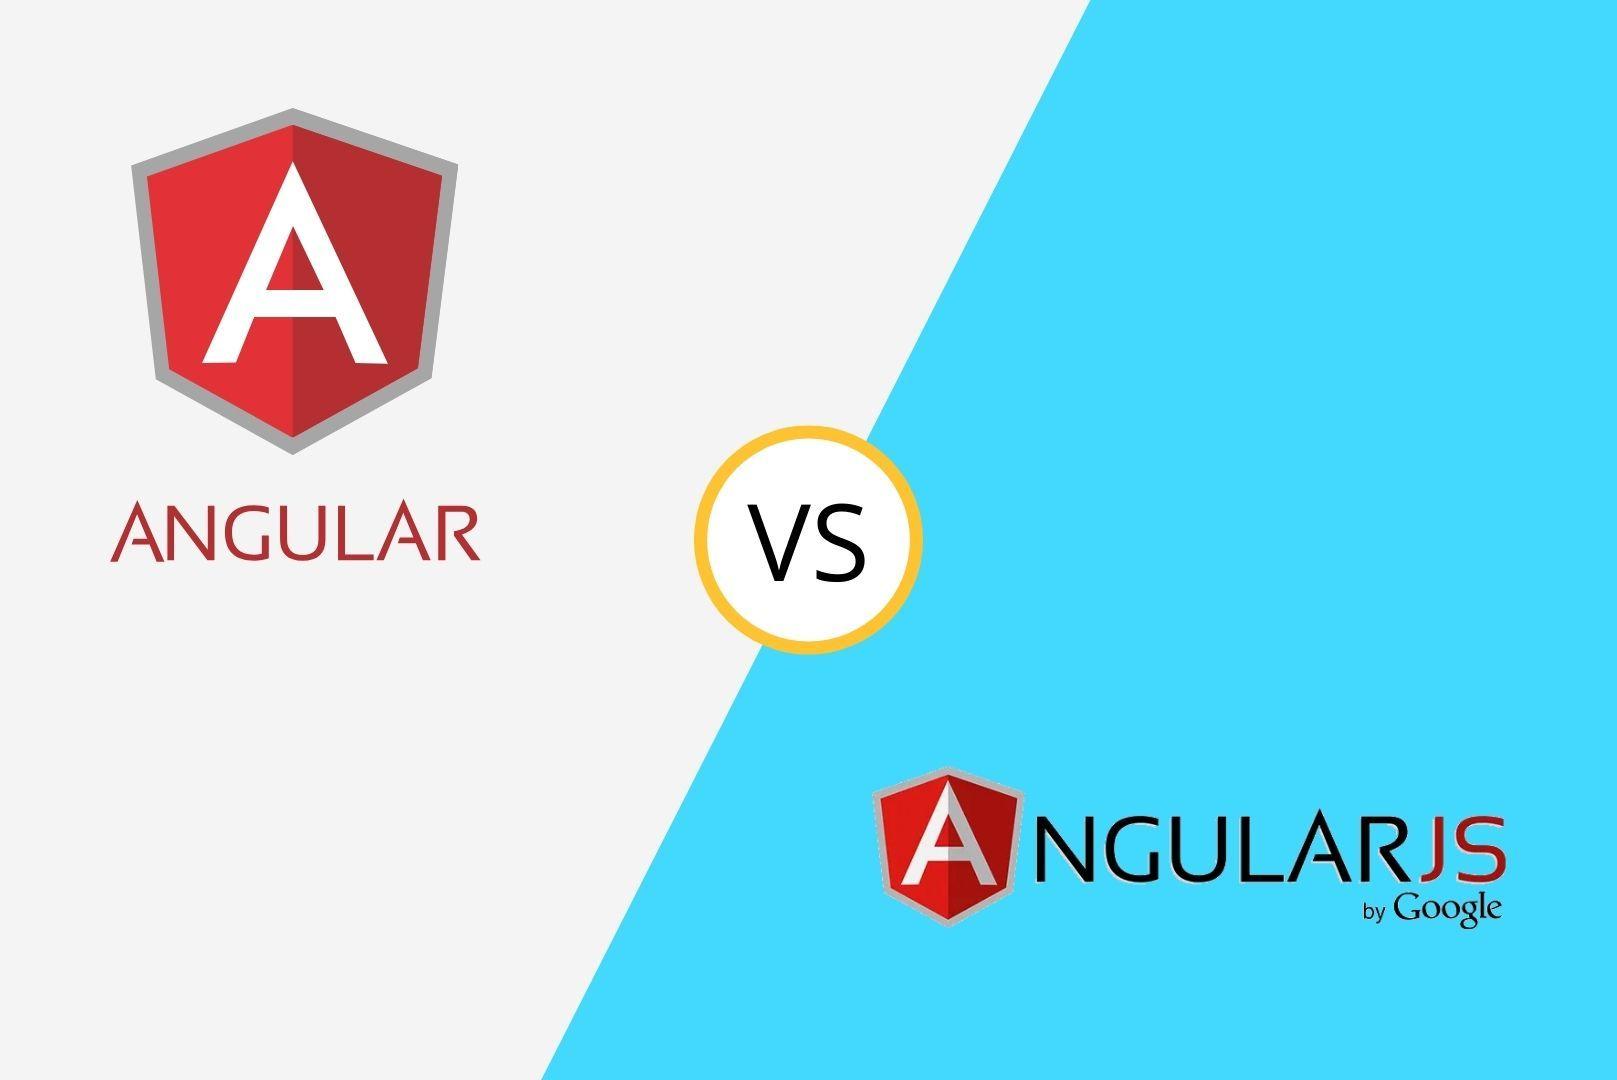 Angular vs AngularJS